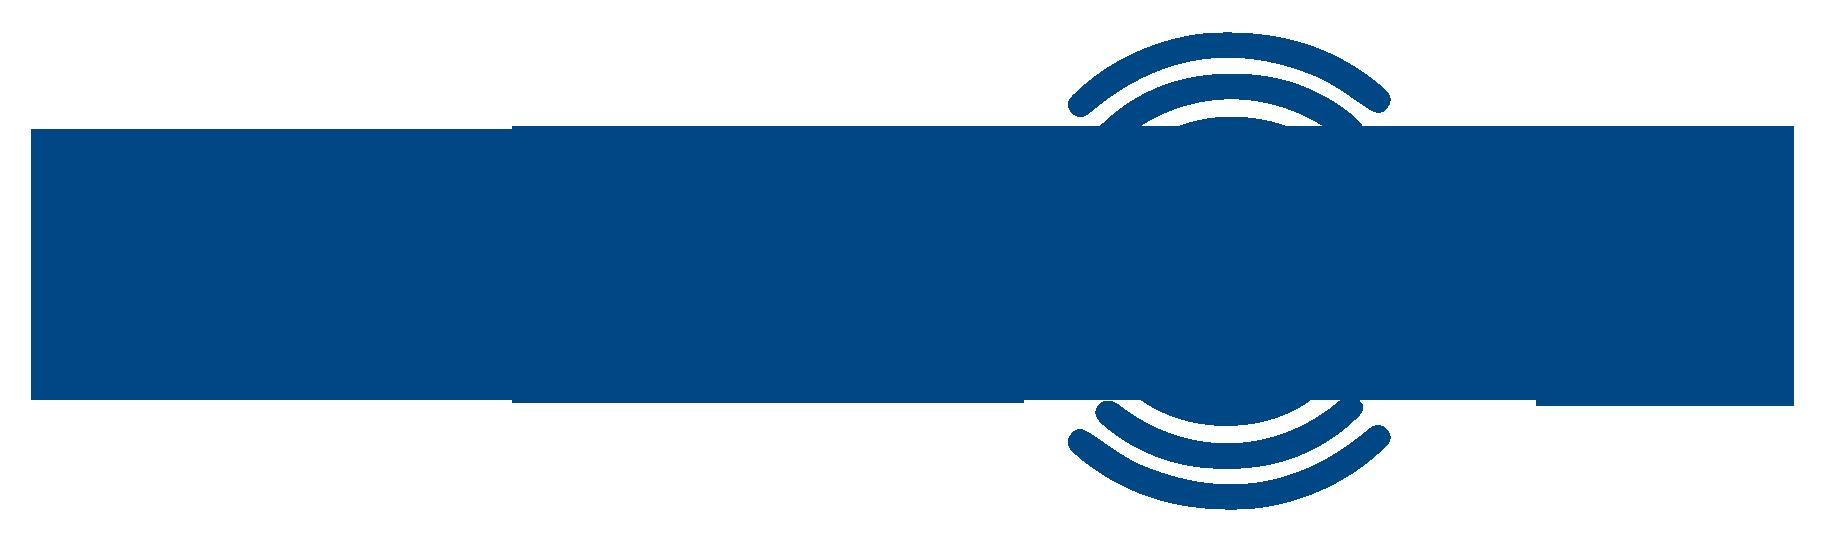 NRB 2020